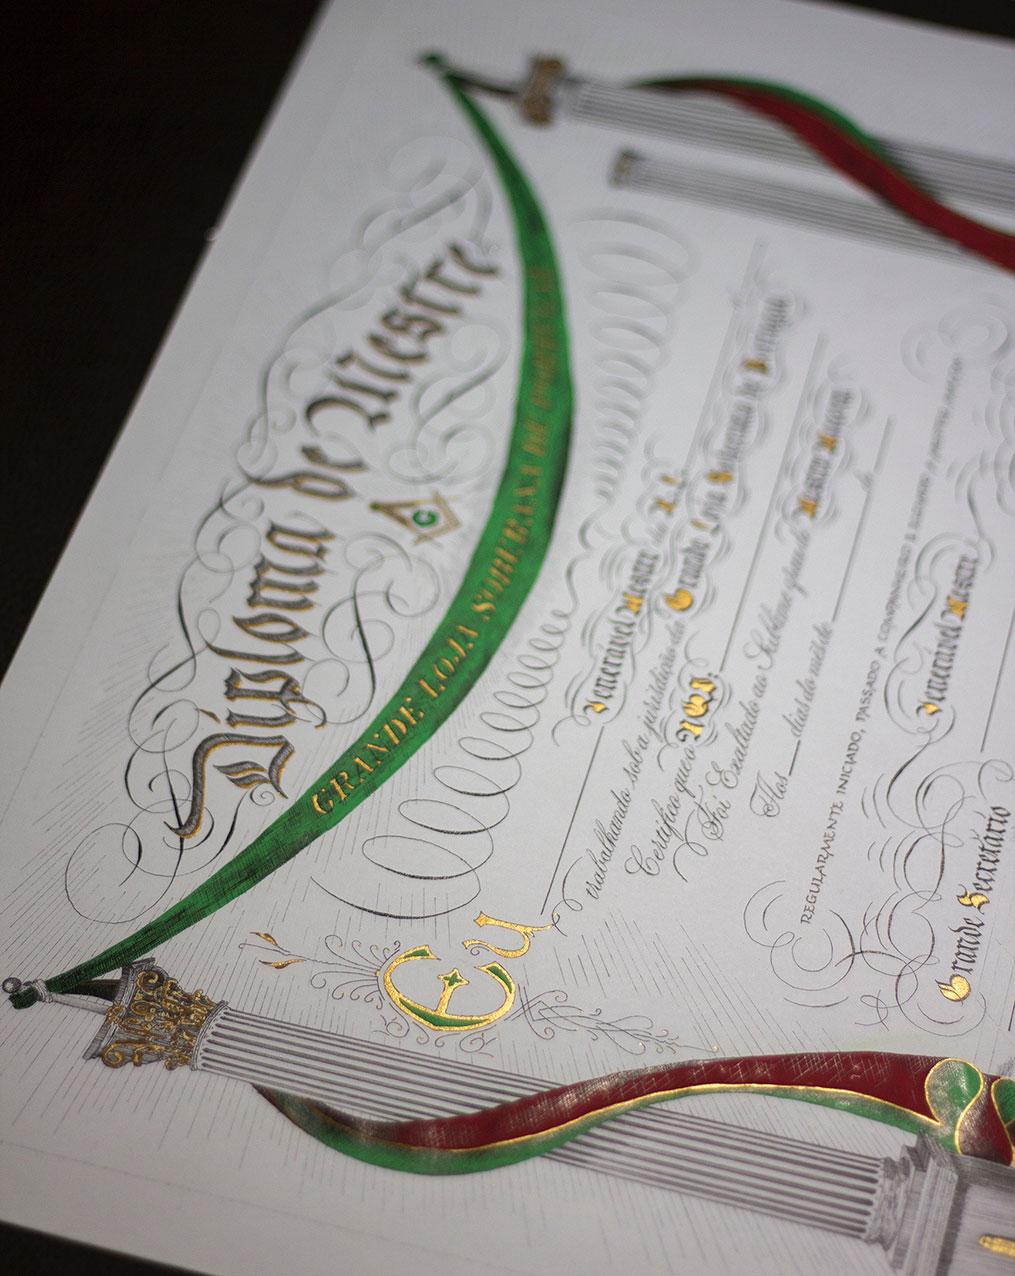 diploma de mestre escrito e decorado de forma tradicional